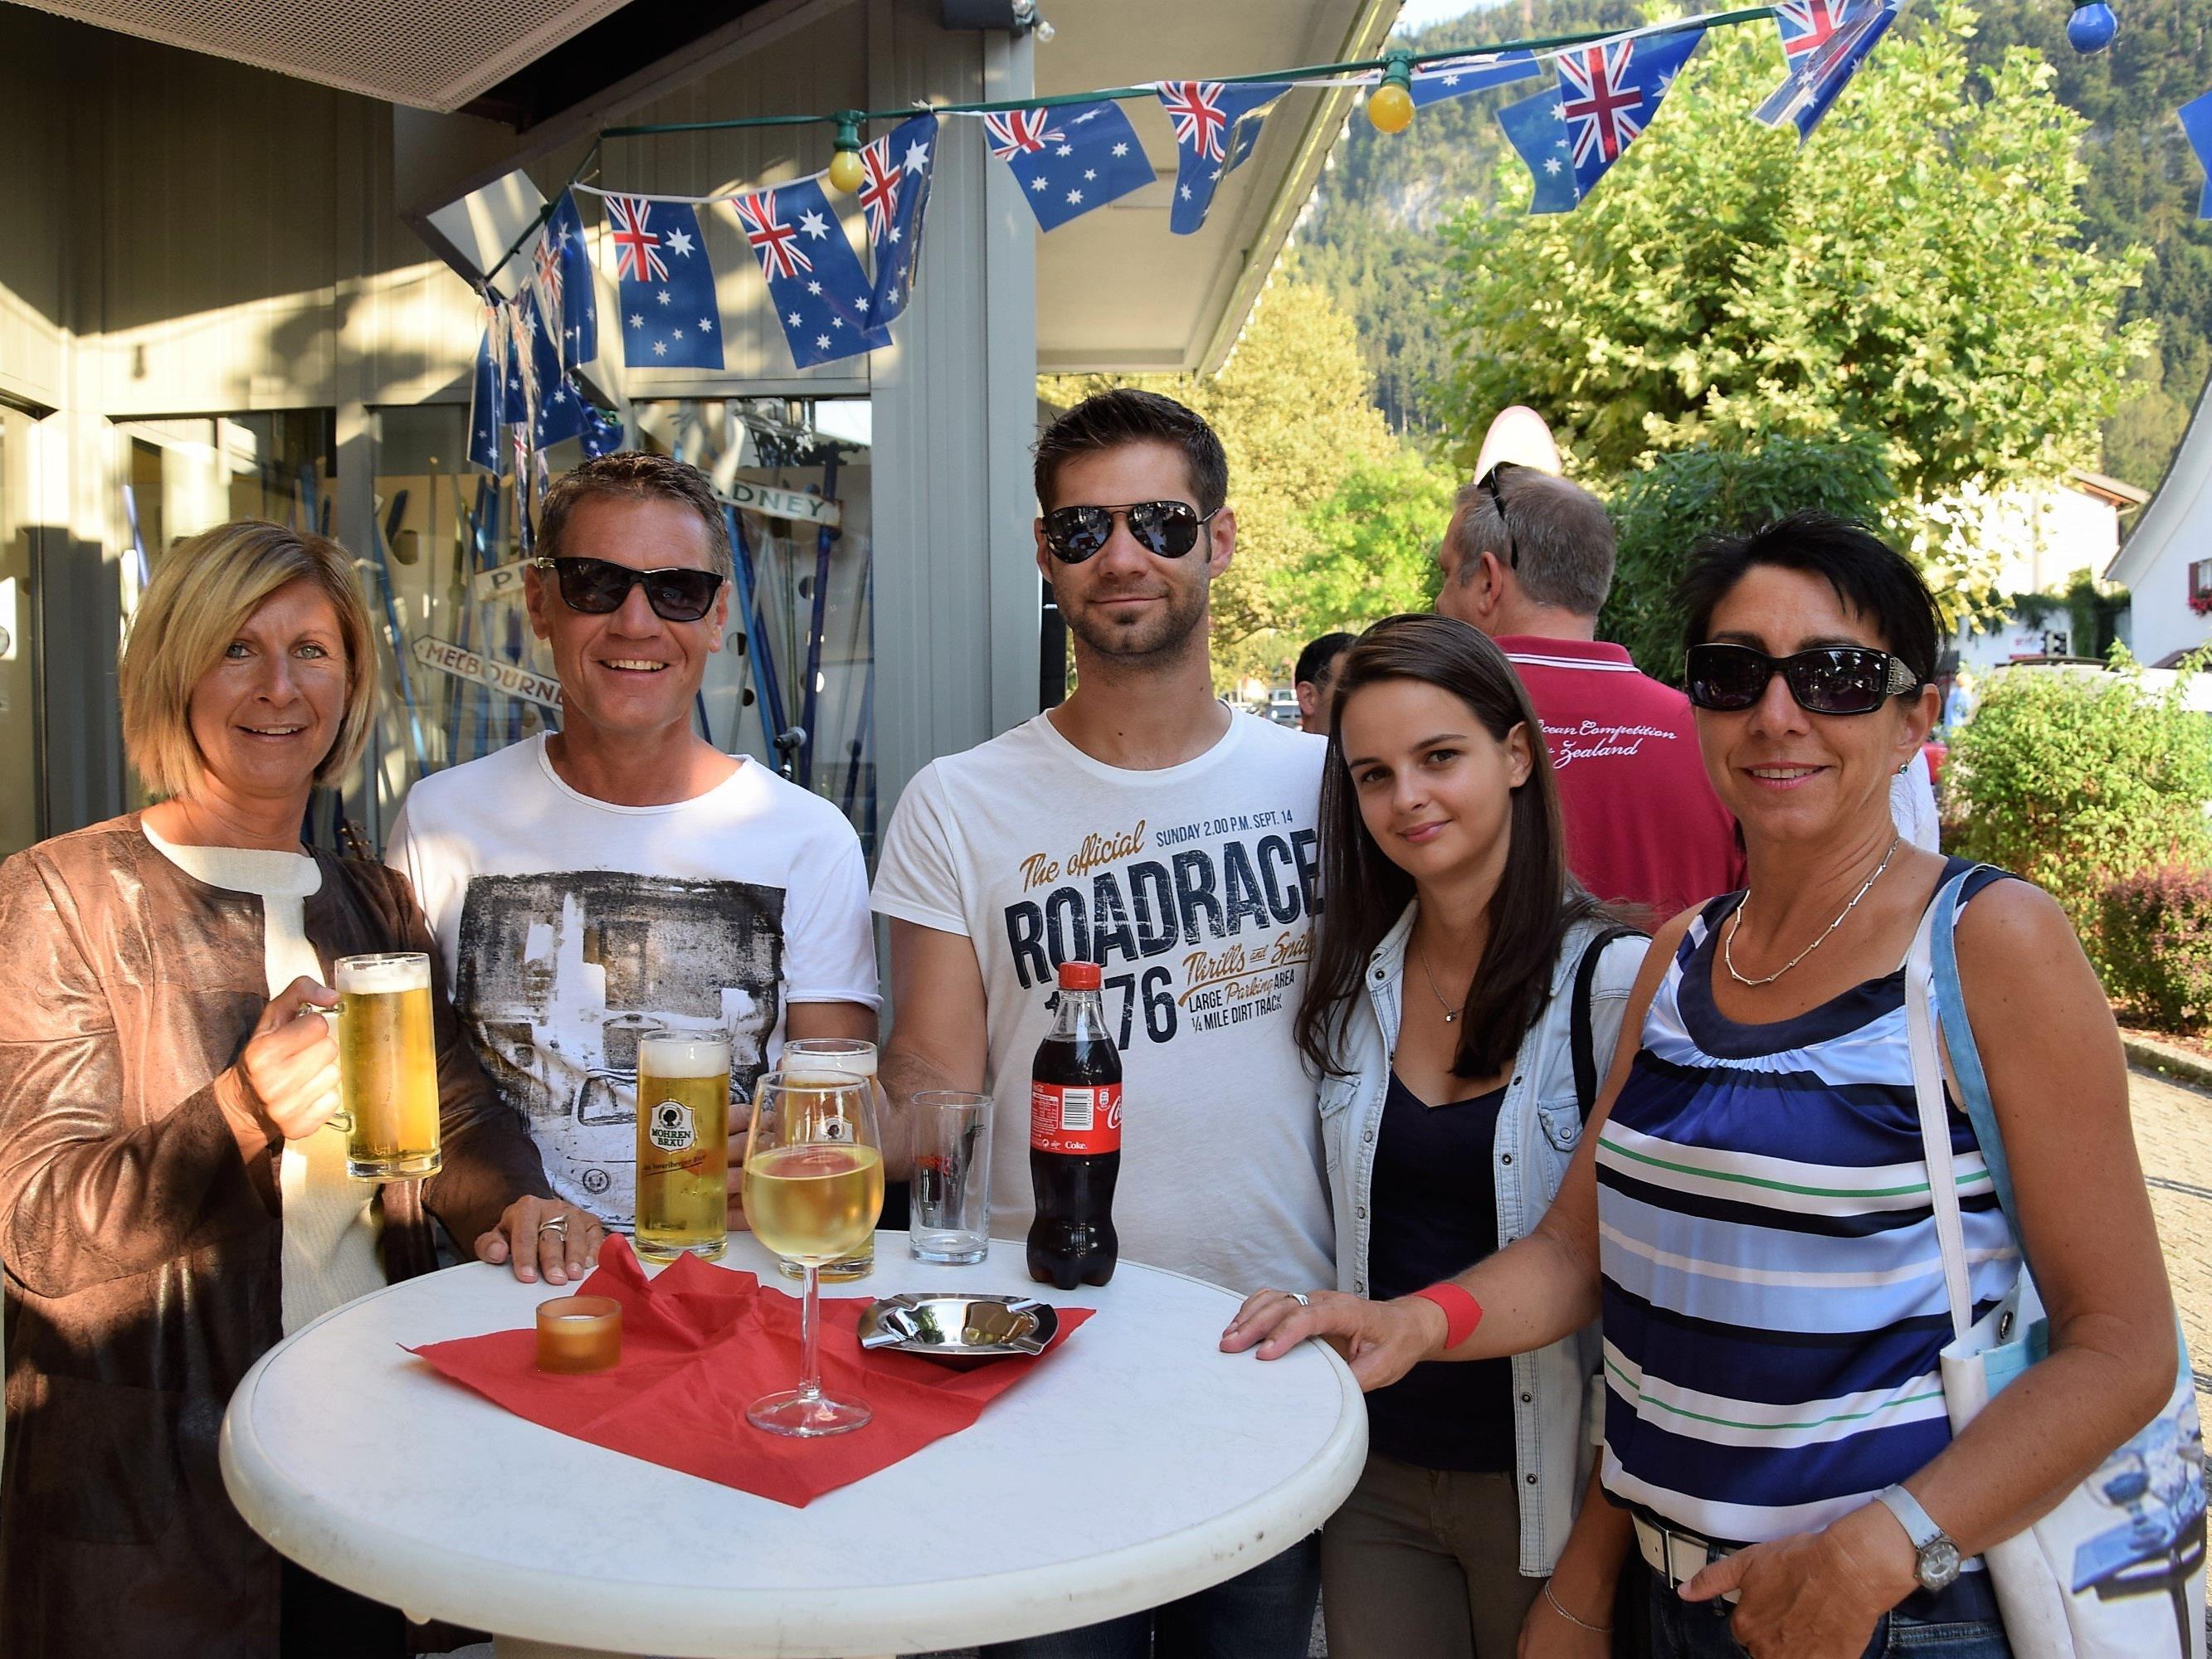 Unter den Besuchern der Götzner Modenacht: v.l. Sabine, Thomas, Clemens, Juliana & Karin